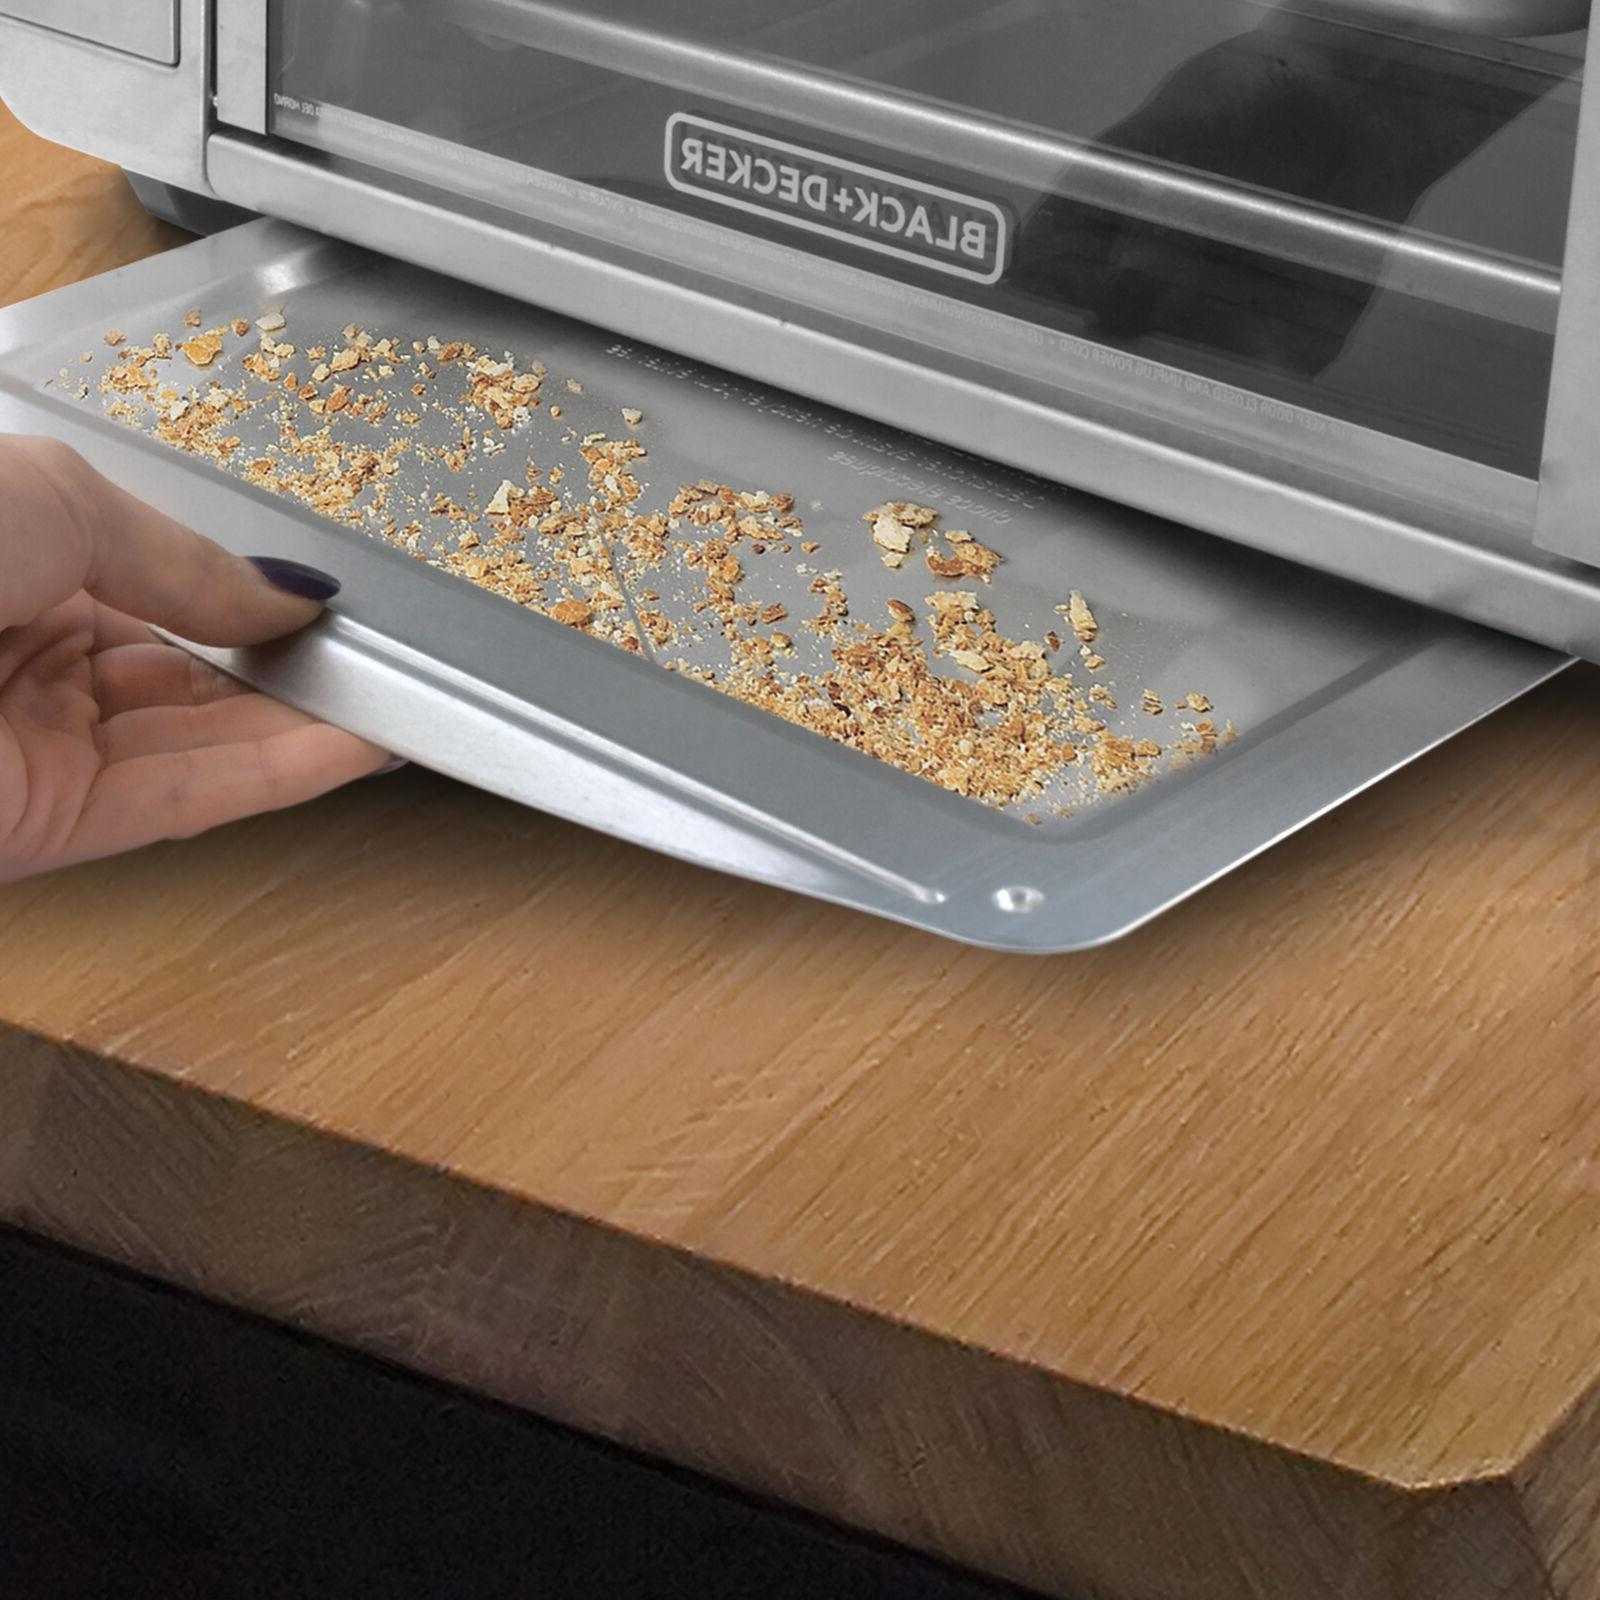 BLACK+DECKER Countertop Toaster - Silver